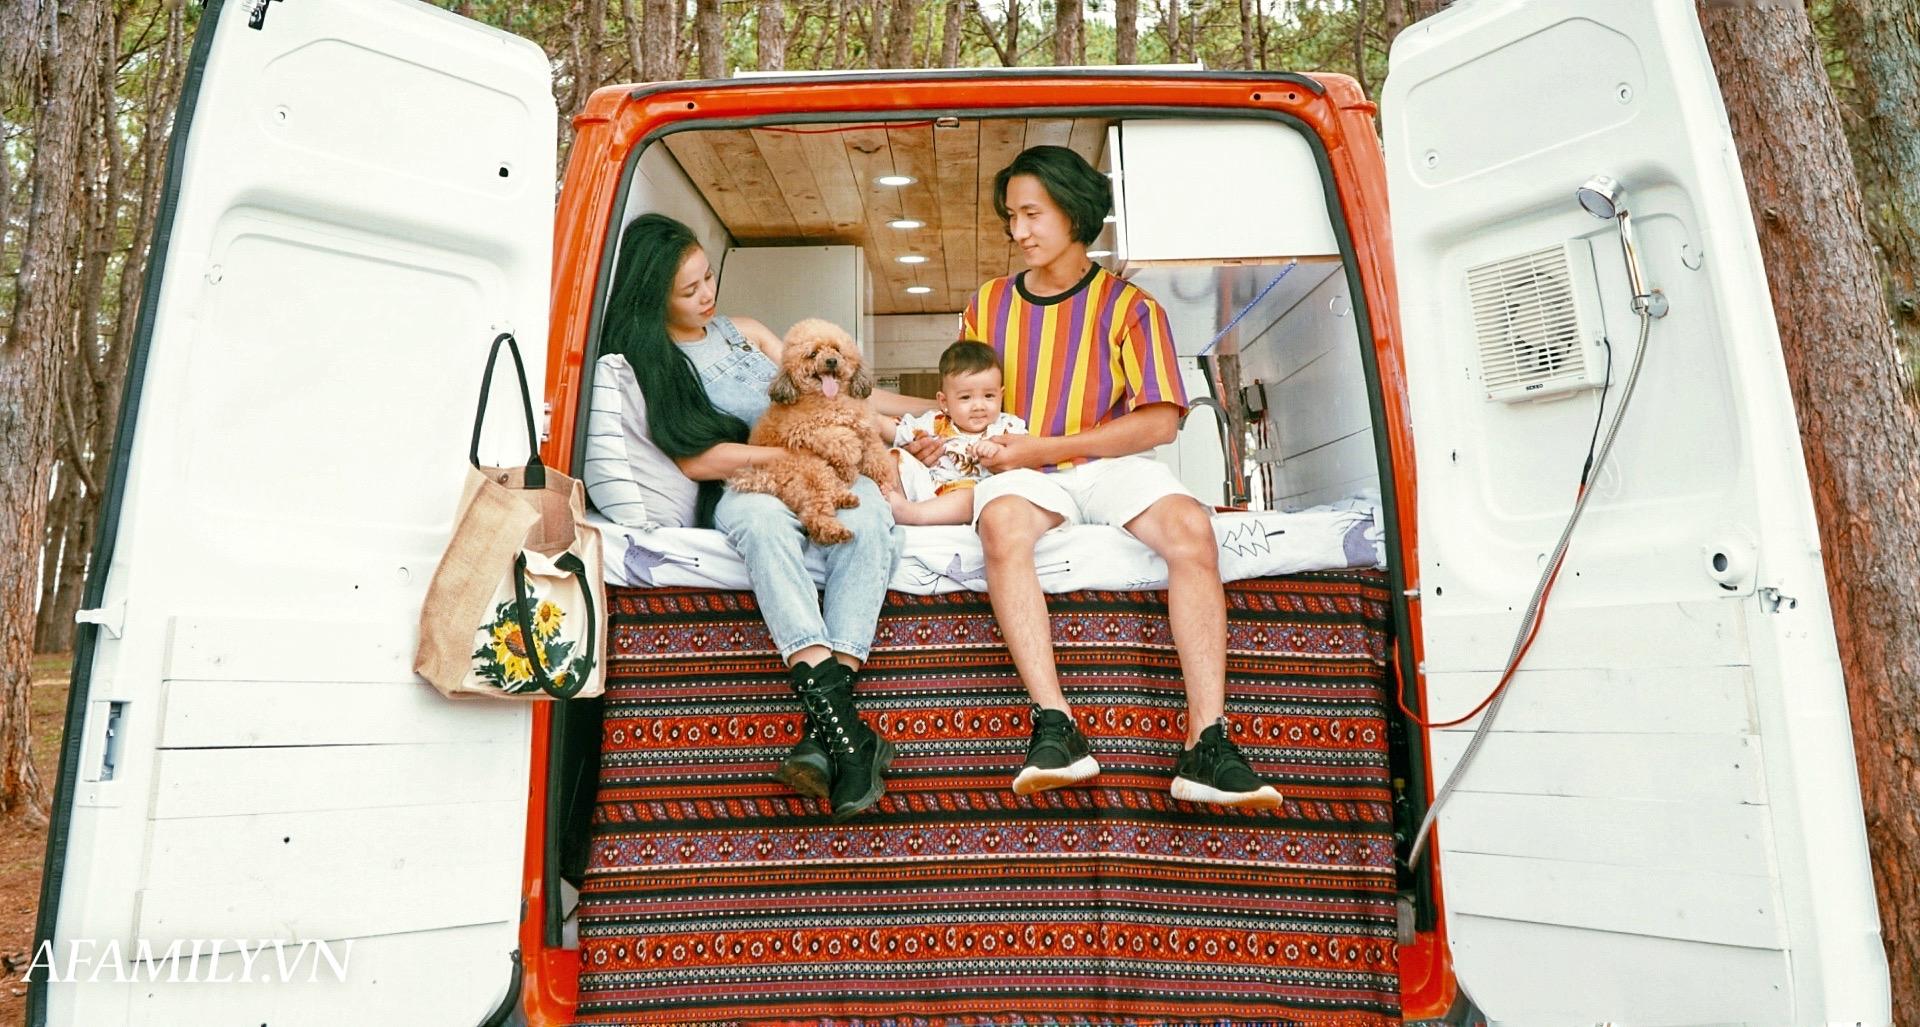 Đôi vợ chồng bỏ 120 triệu đồng mua ô tô cũ về làm thành ngôi nhà di động với đầy đủ bếp núc, phòng ngủ rồi chở con đi du lịch khắp Việt Nam! - Ảnh 5.